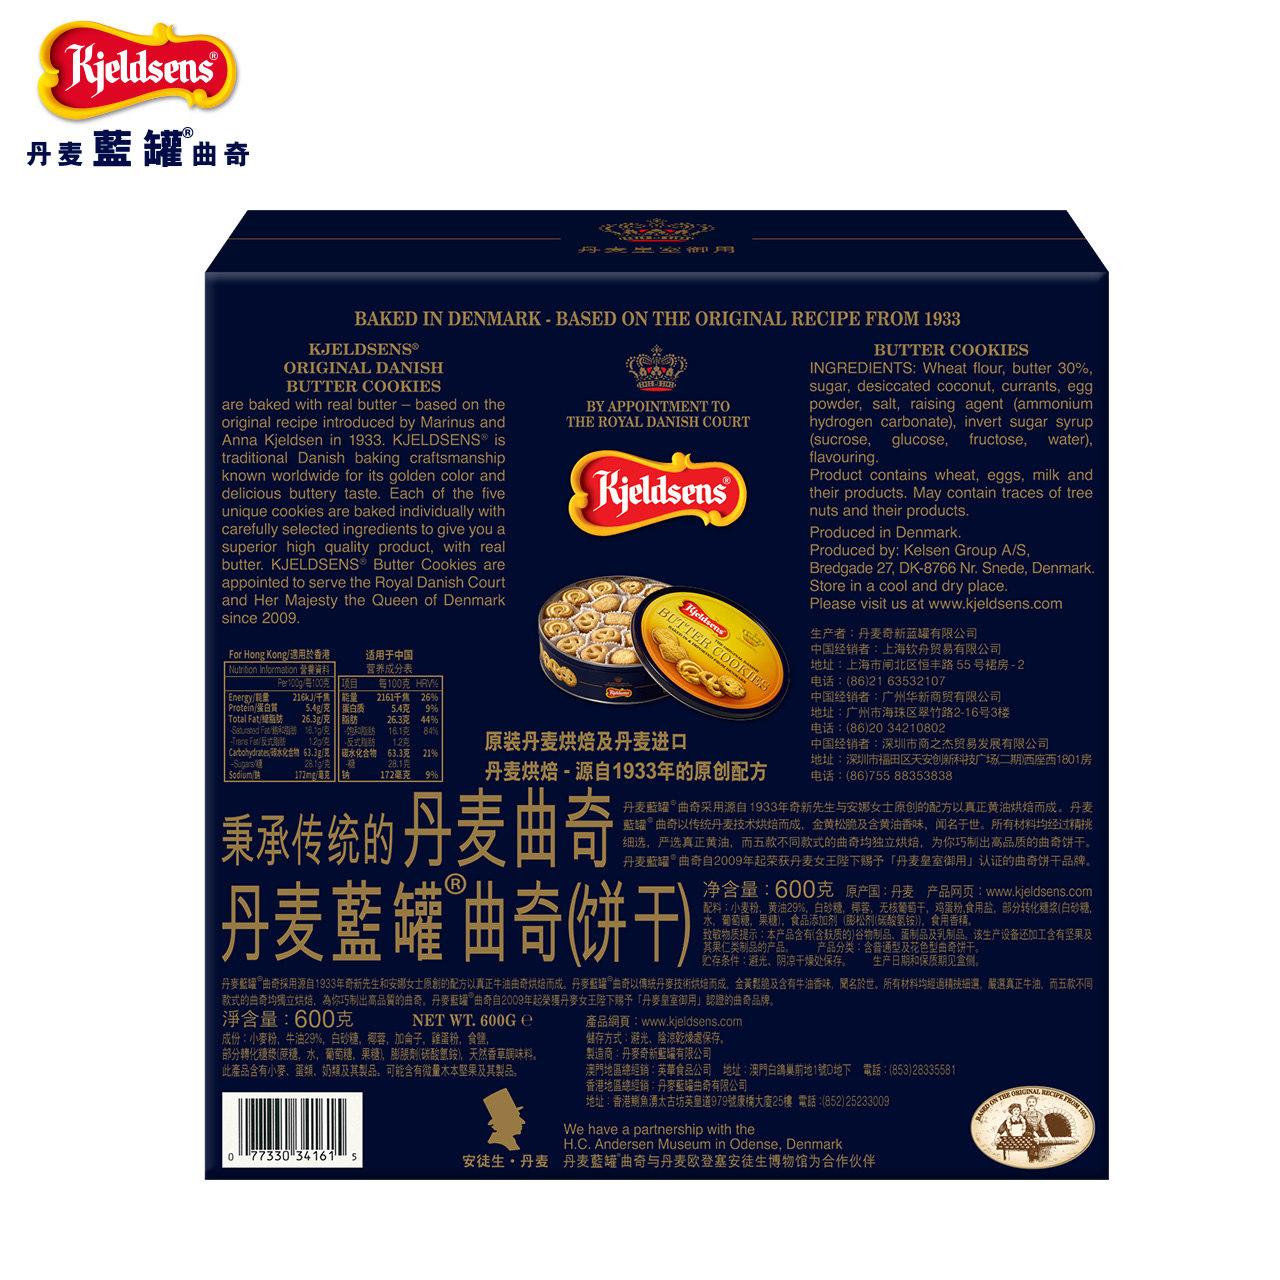 2 600g 丹麦蓝罐进口曲奇中秋送礼品盒装饼干零食小吃糕点心大礼包